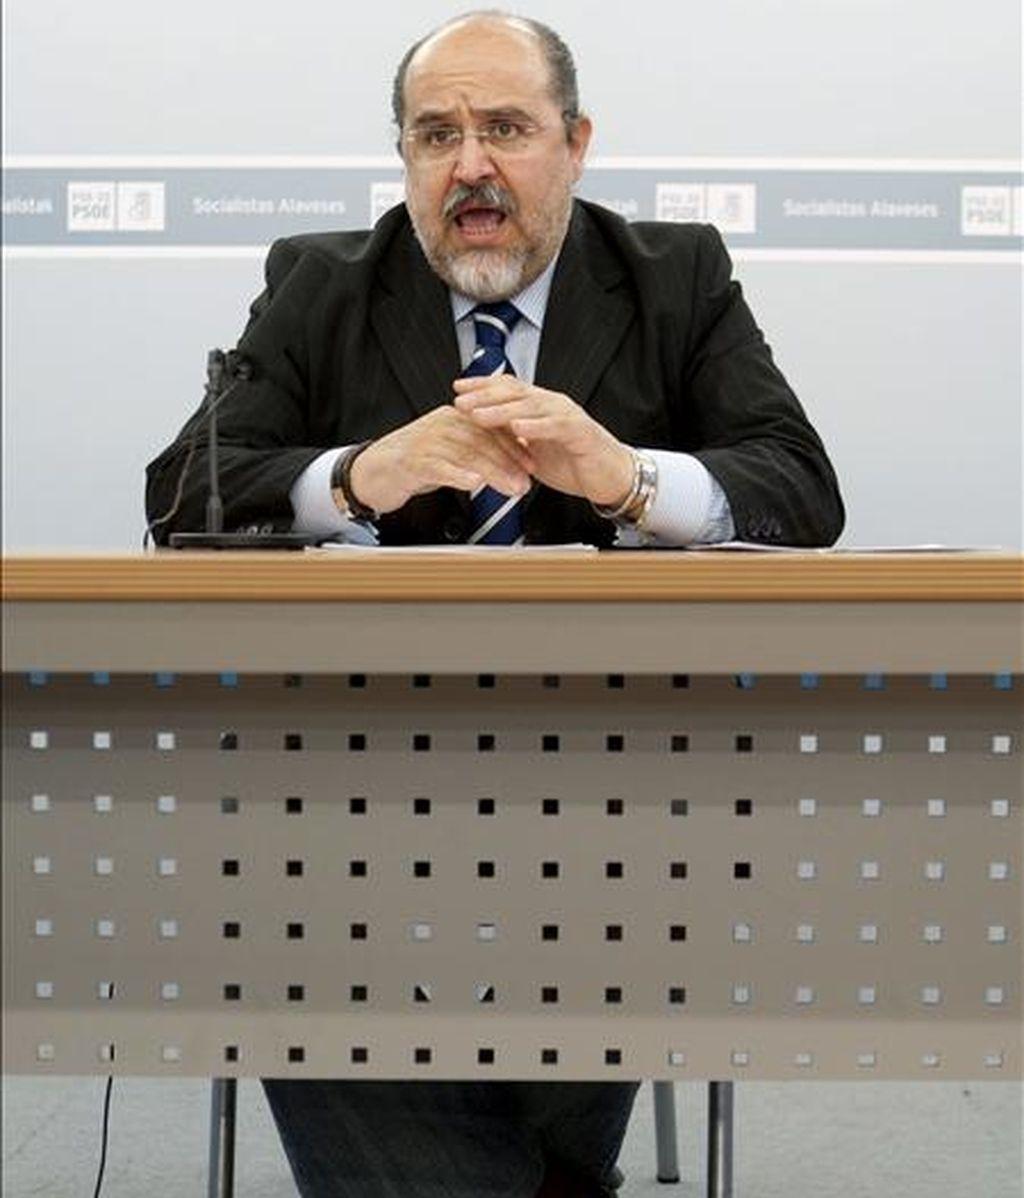 El secretario general del PSE-EE de Álava, Txarli Prieto. EFE/Archivo